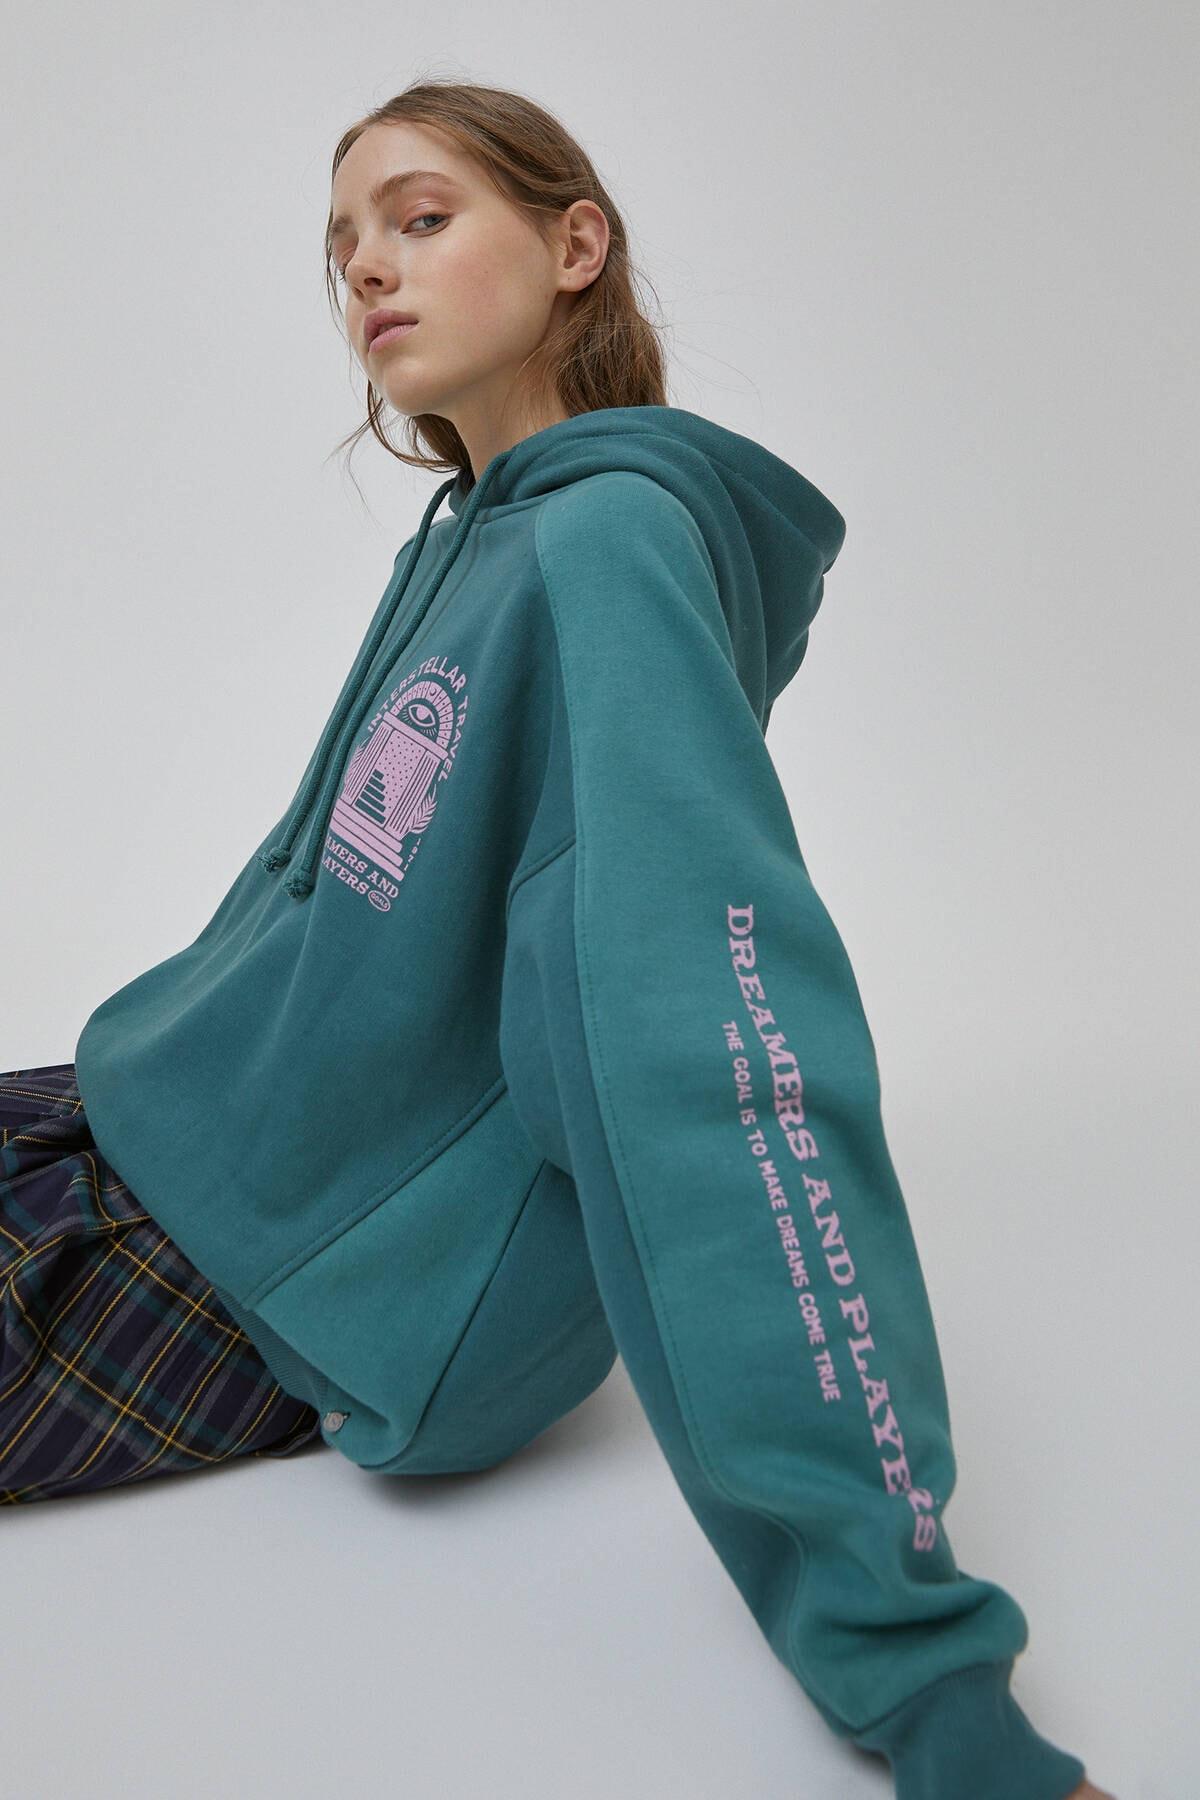 Pull & Bear Kadın Şişe Yeşili Yeşil Blok Renkli Sweatshirt 09594347 1